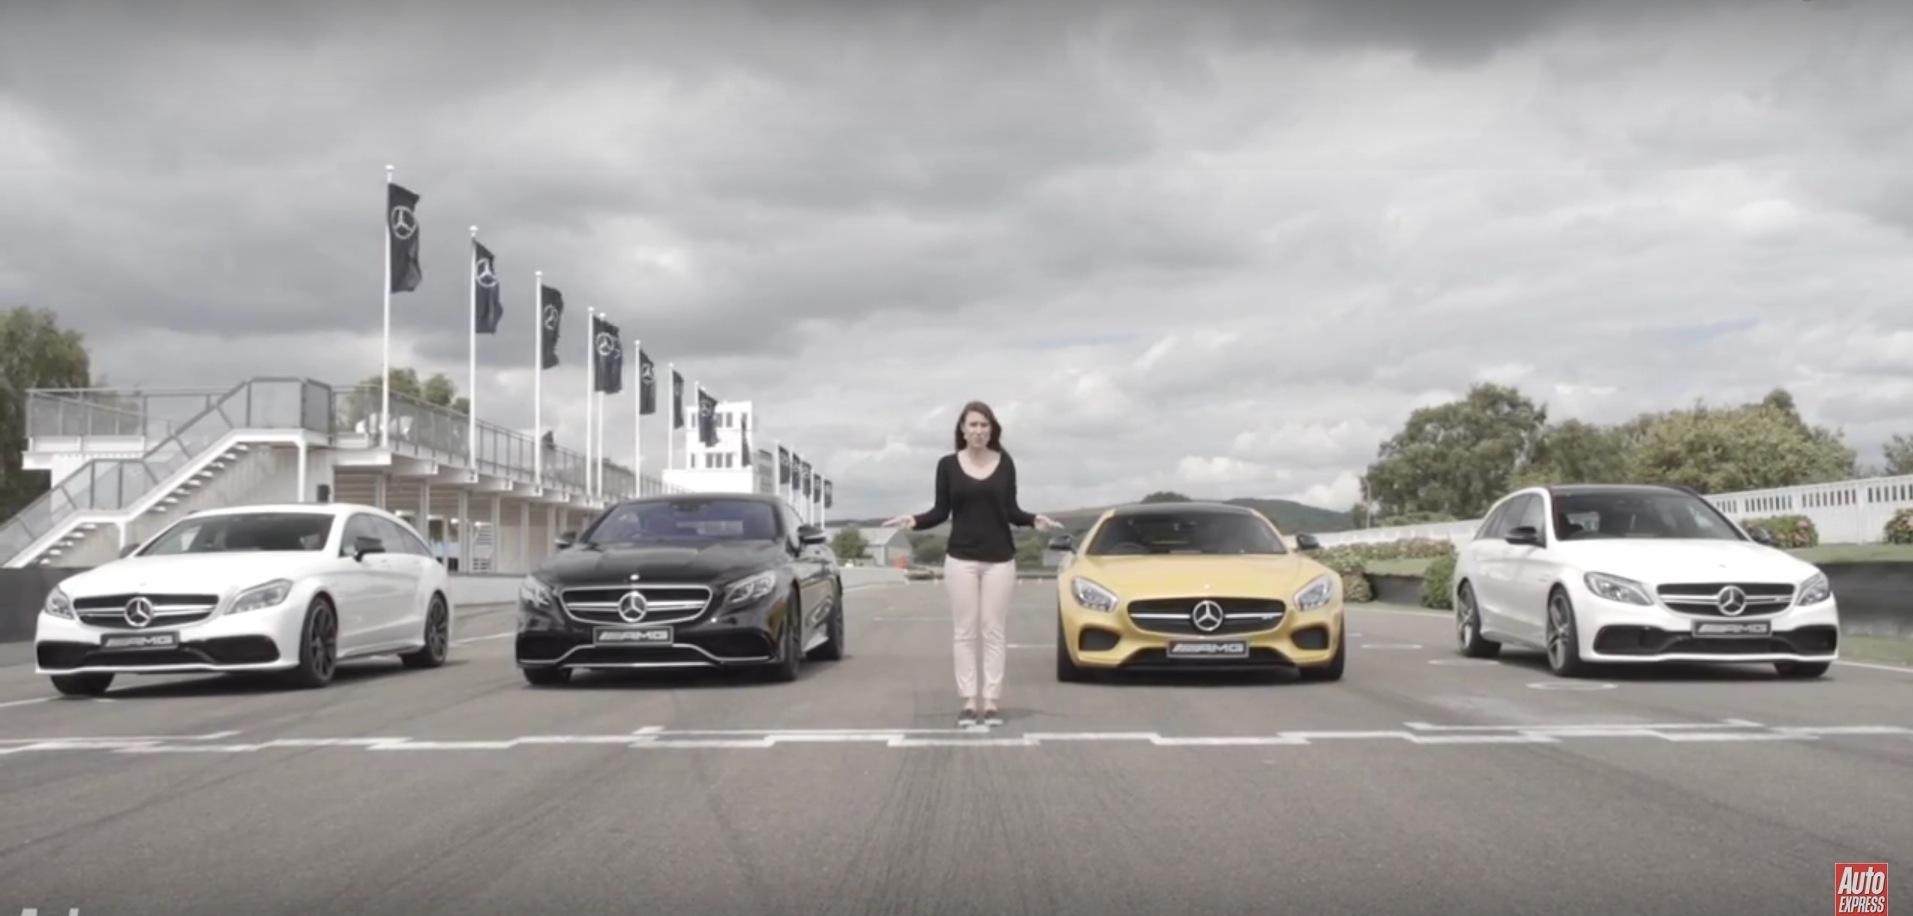 Mercedes Amg Four Way Battle C63 Estate Vs Gt Vs S63